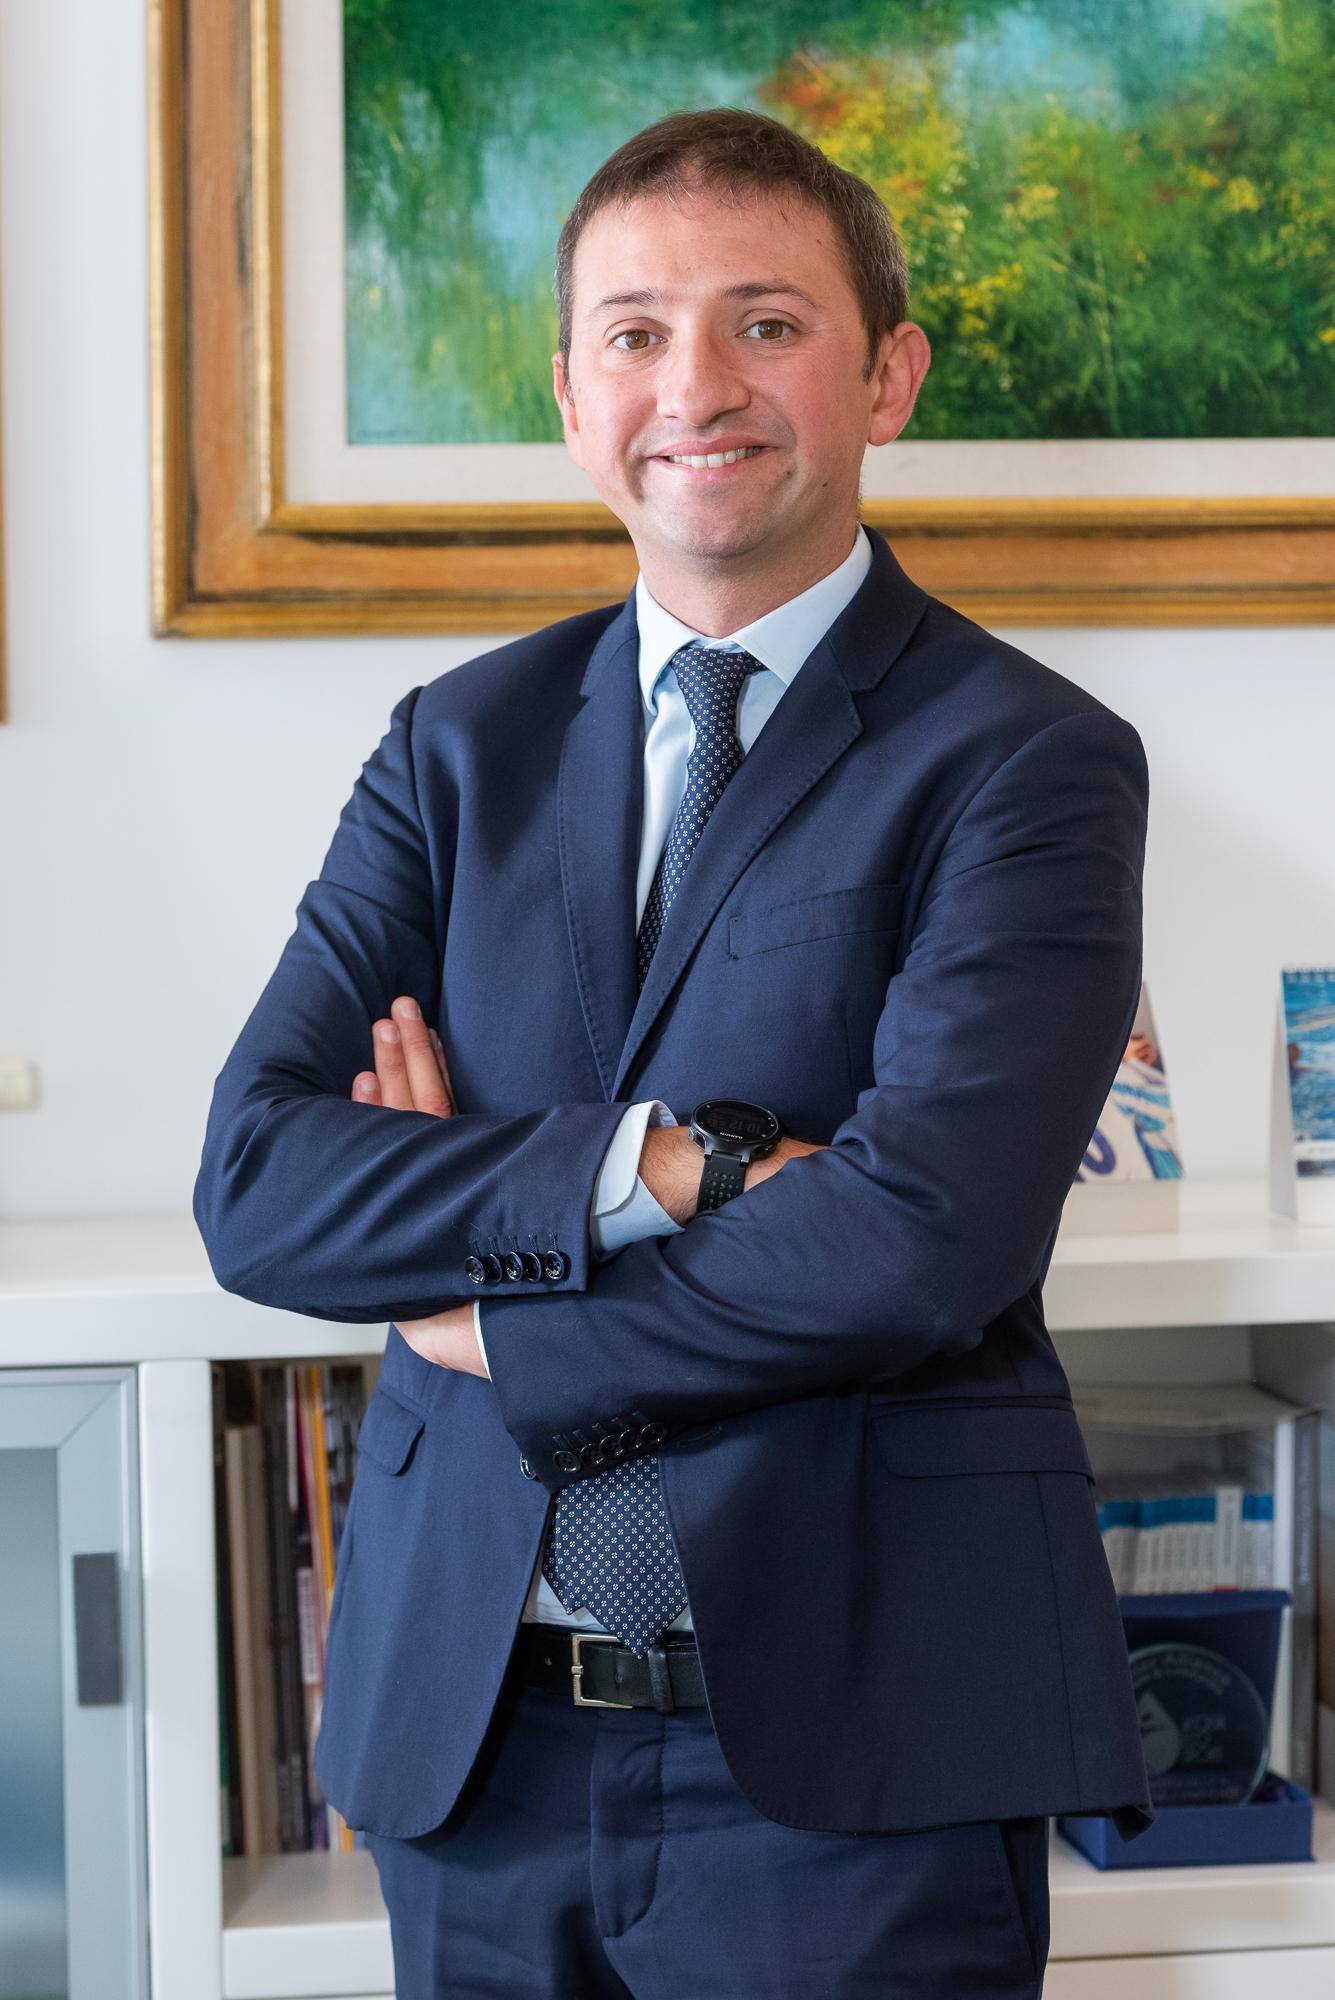 Le strategie di Water Alliance – Acque di Lombardia per la ripartenza economica e sociale del territorio